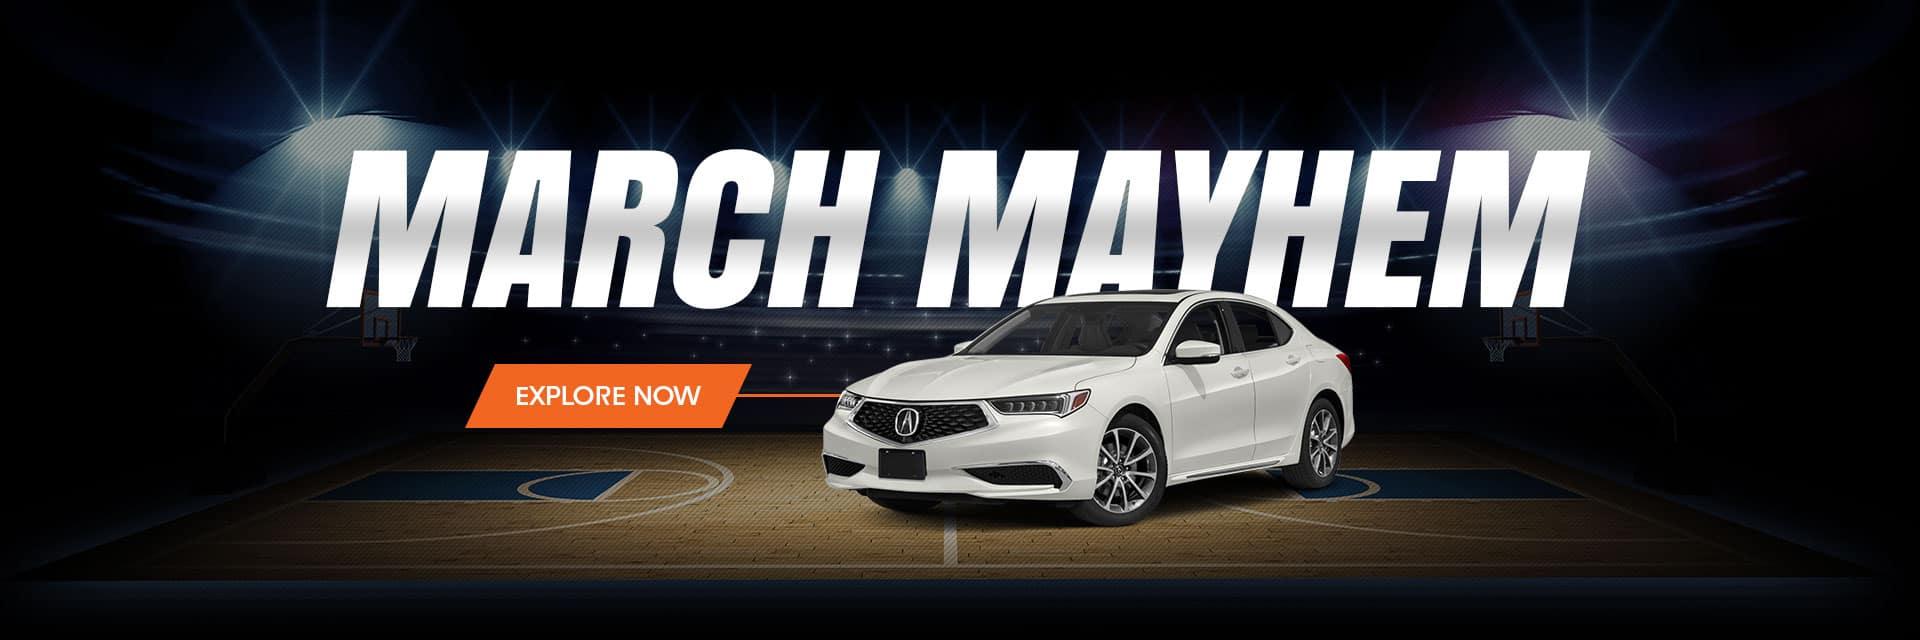 Acura TLX March Mayhem